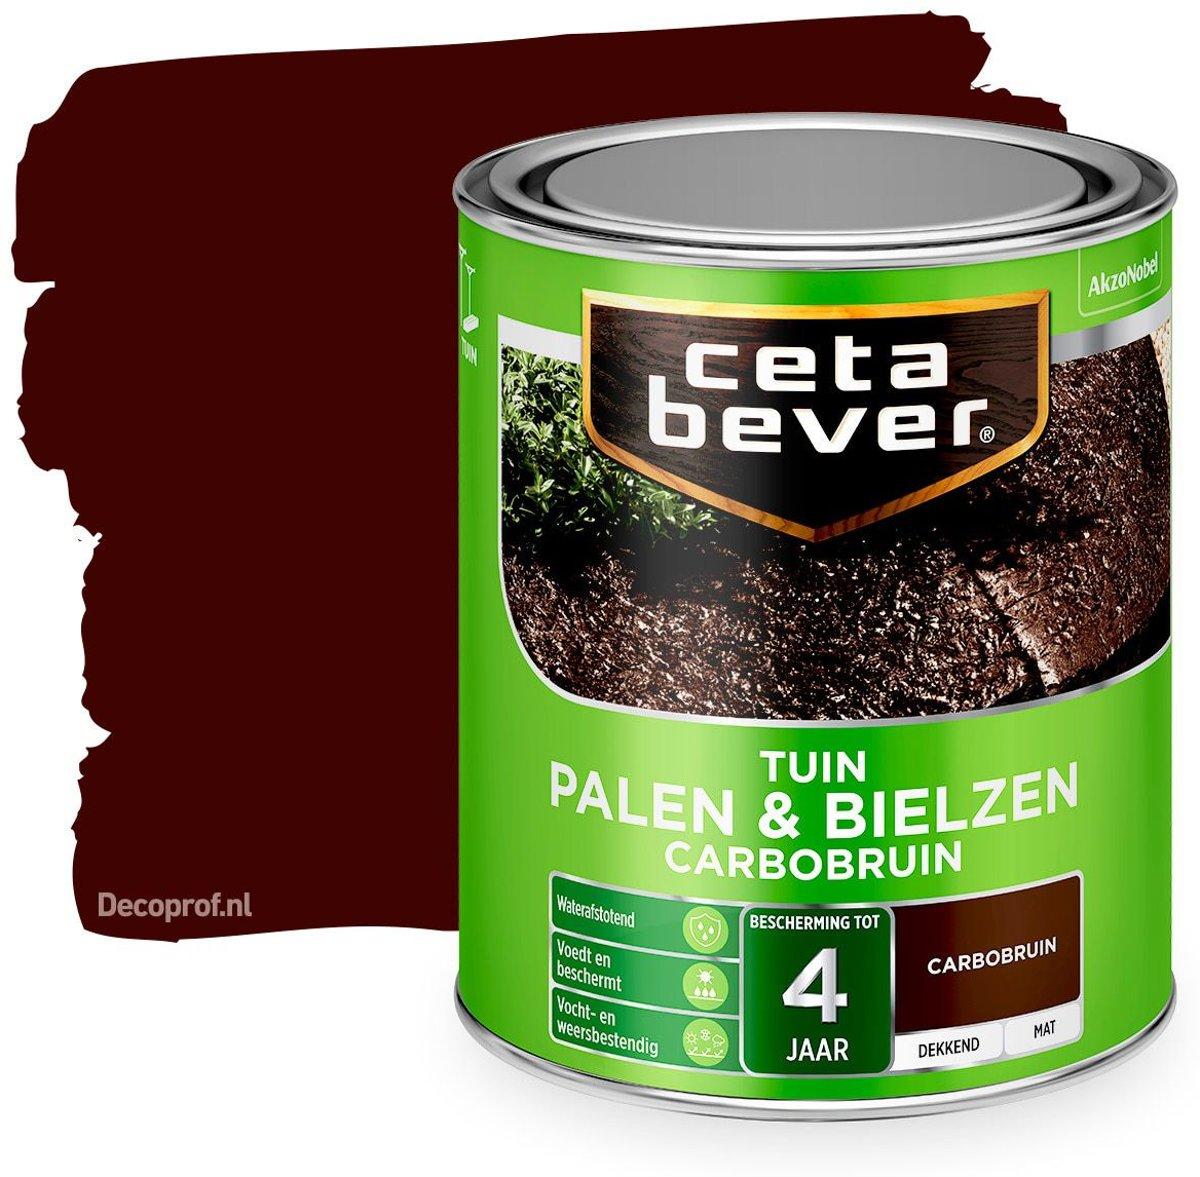 Cetabever Tuin - Beits Palen En Bielzen - Carbobruin - 0,75 liter